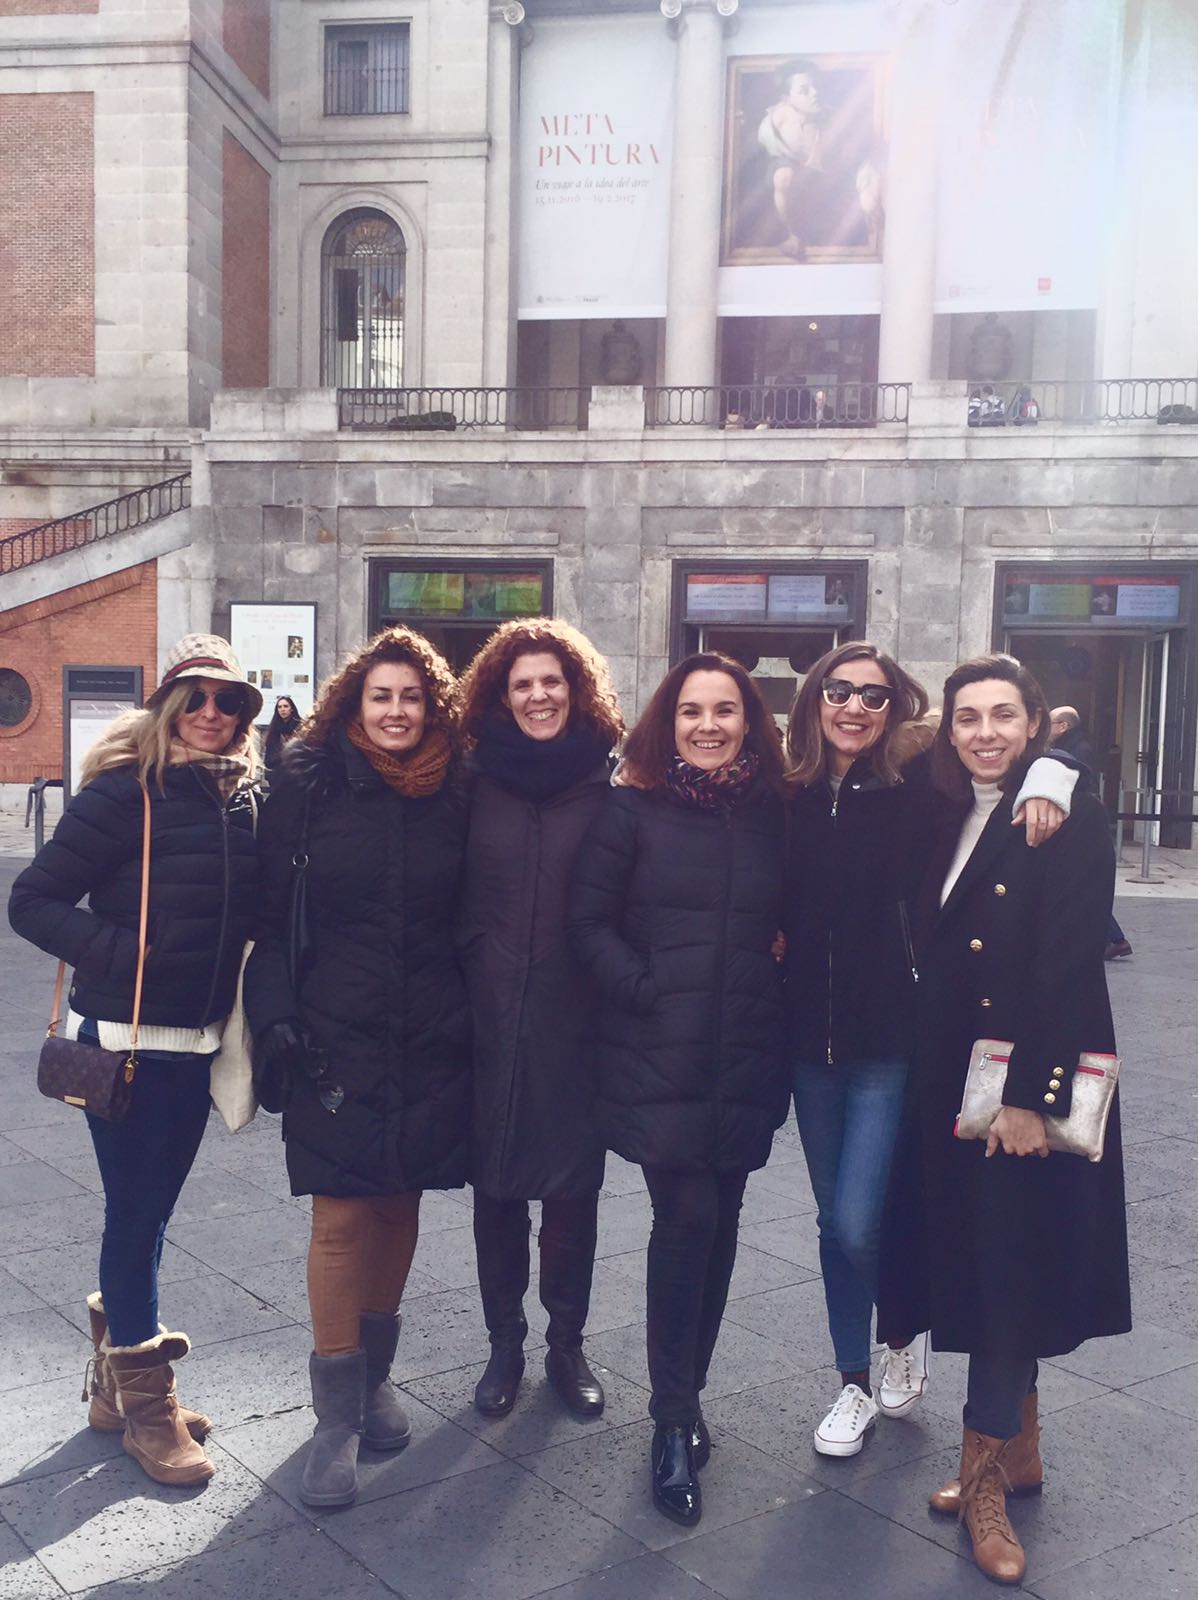 """De """"Los Fauves"""" al Prado, más Visitas Guiadas"""